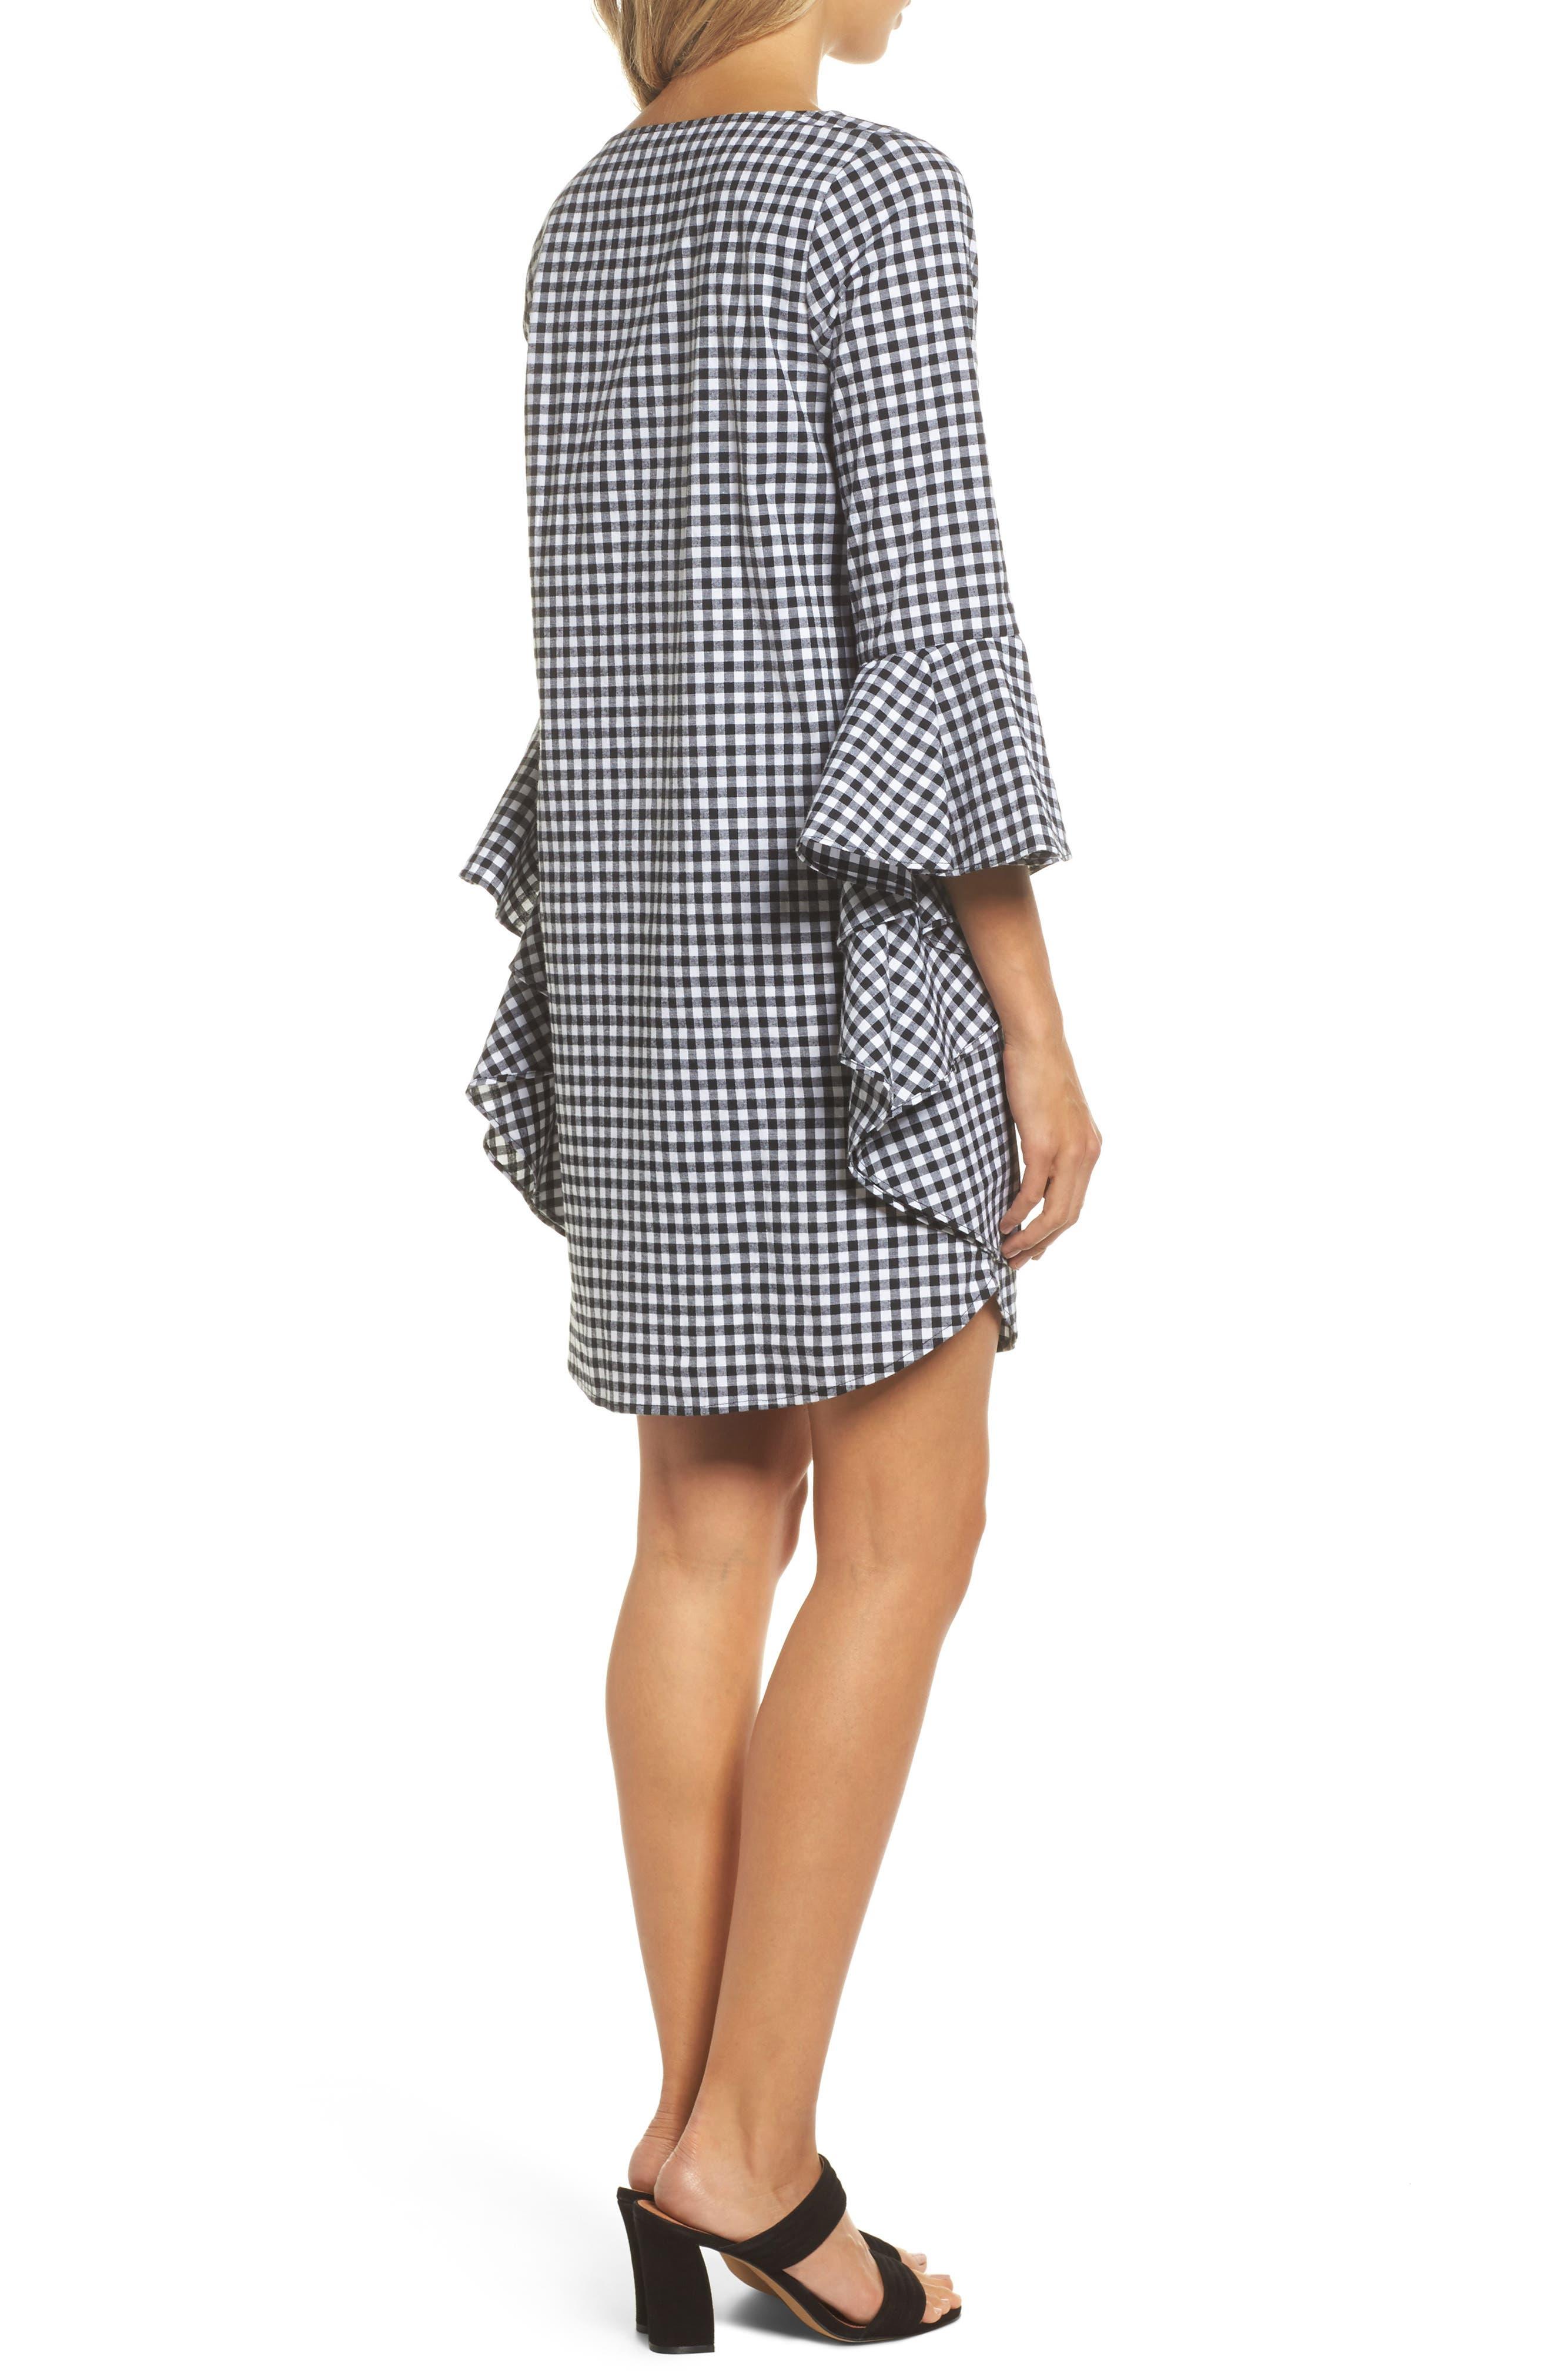 Ruffle Sleeve Gingham Shift Dress,                             Alternate thumbnail 2, color,                             Black/ White Gingham